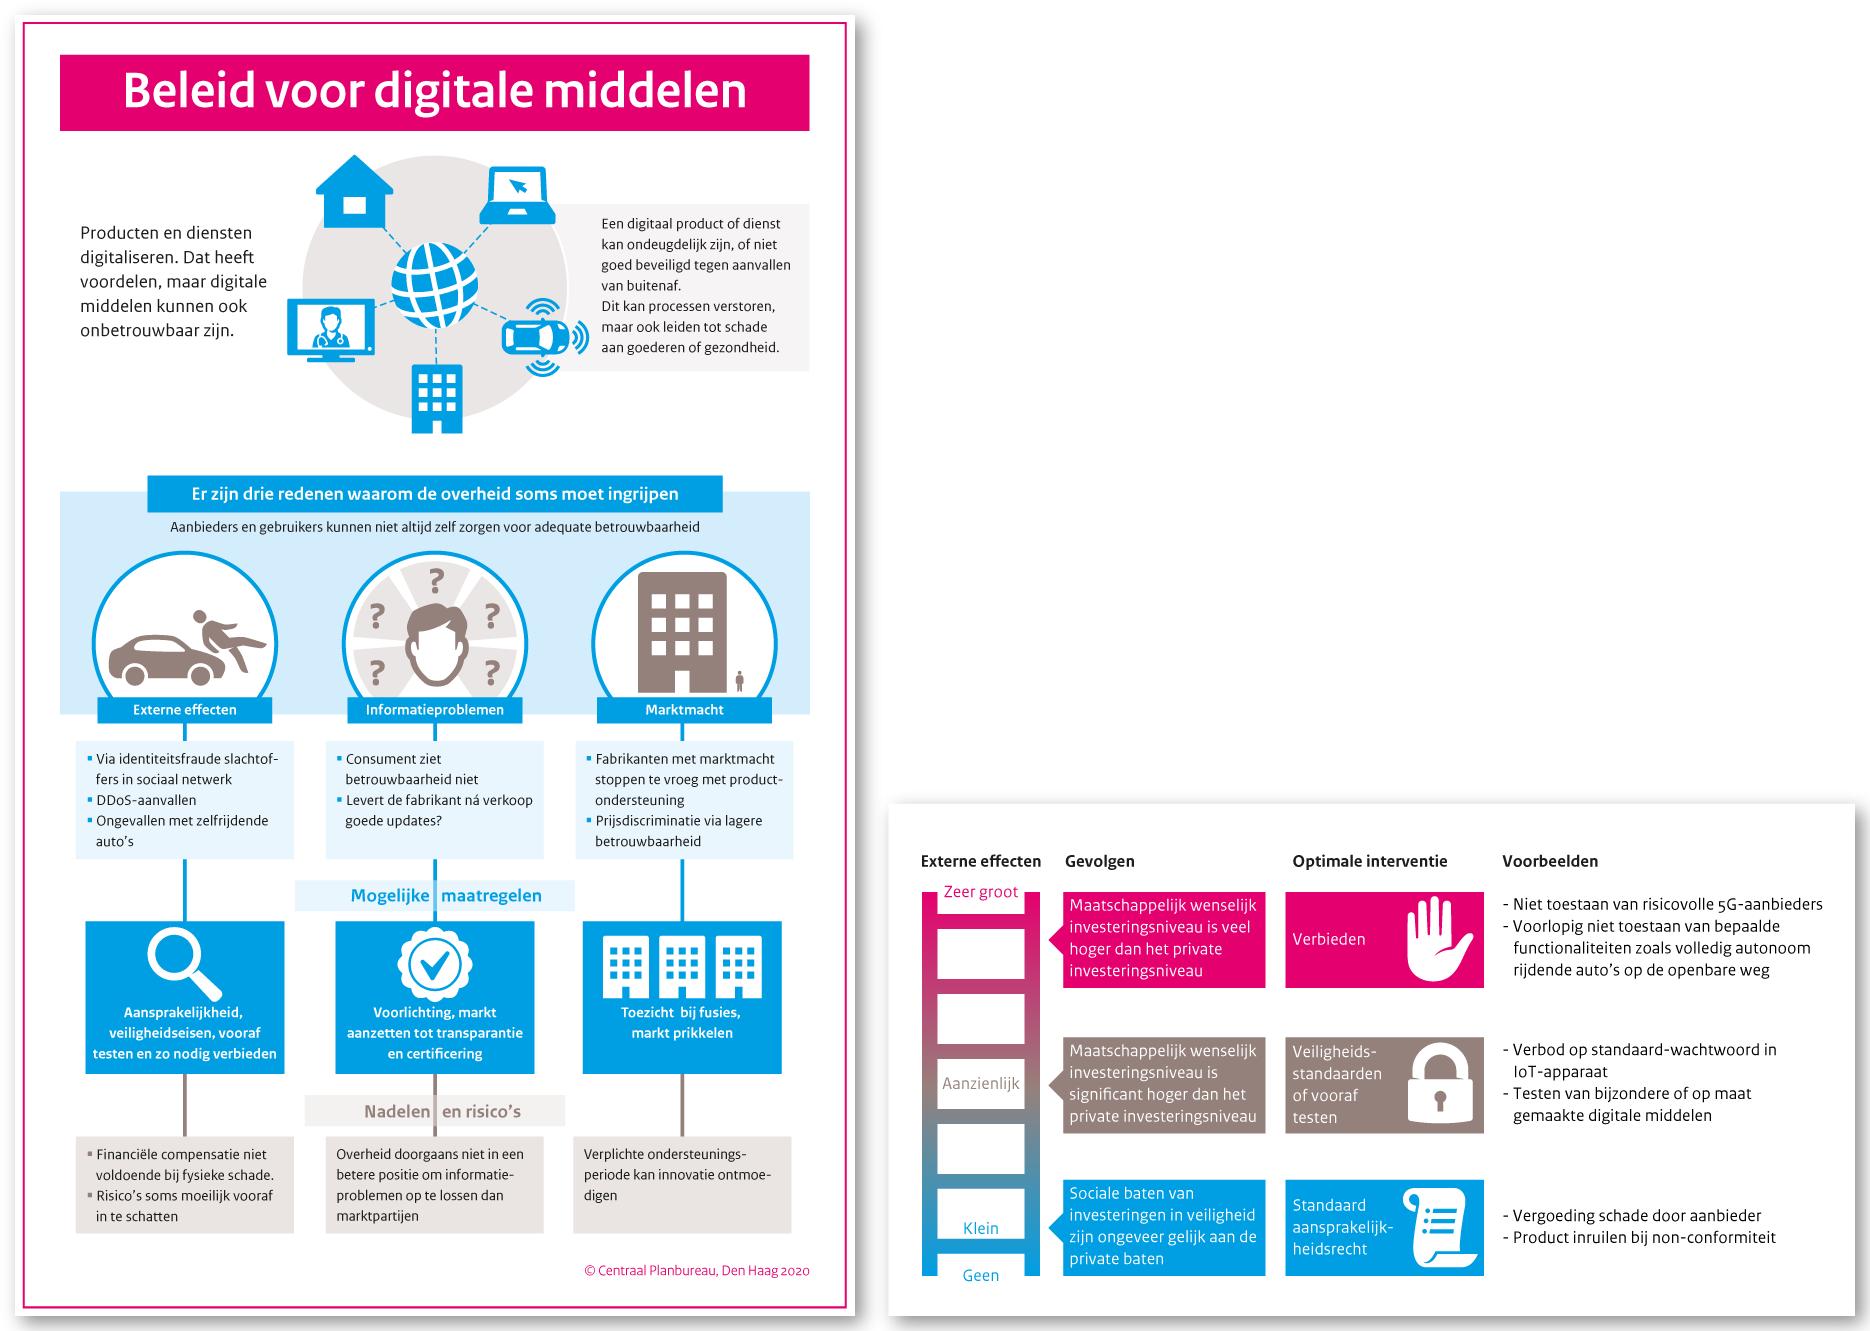 Beleid voor digitale middelen(Centraal Planbureau)